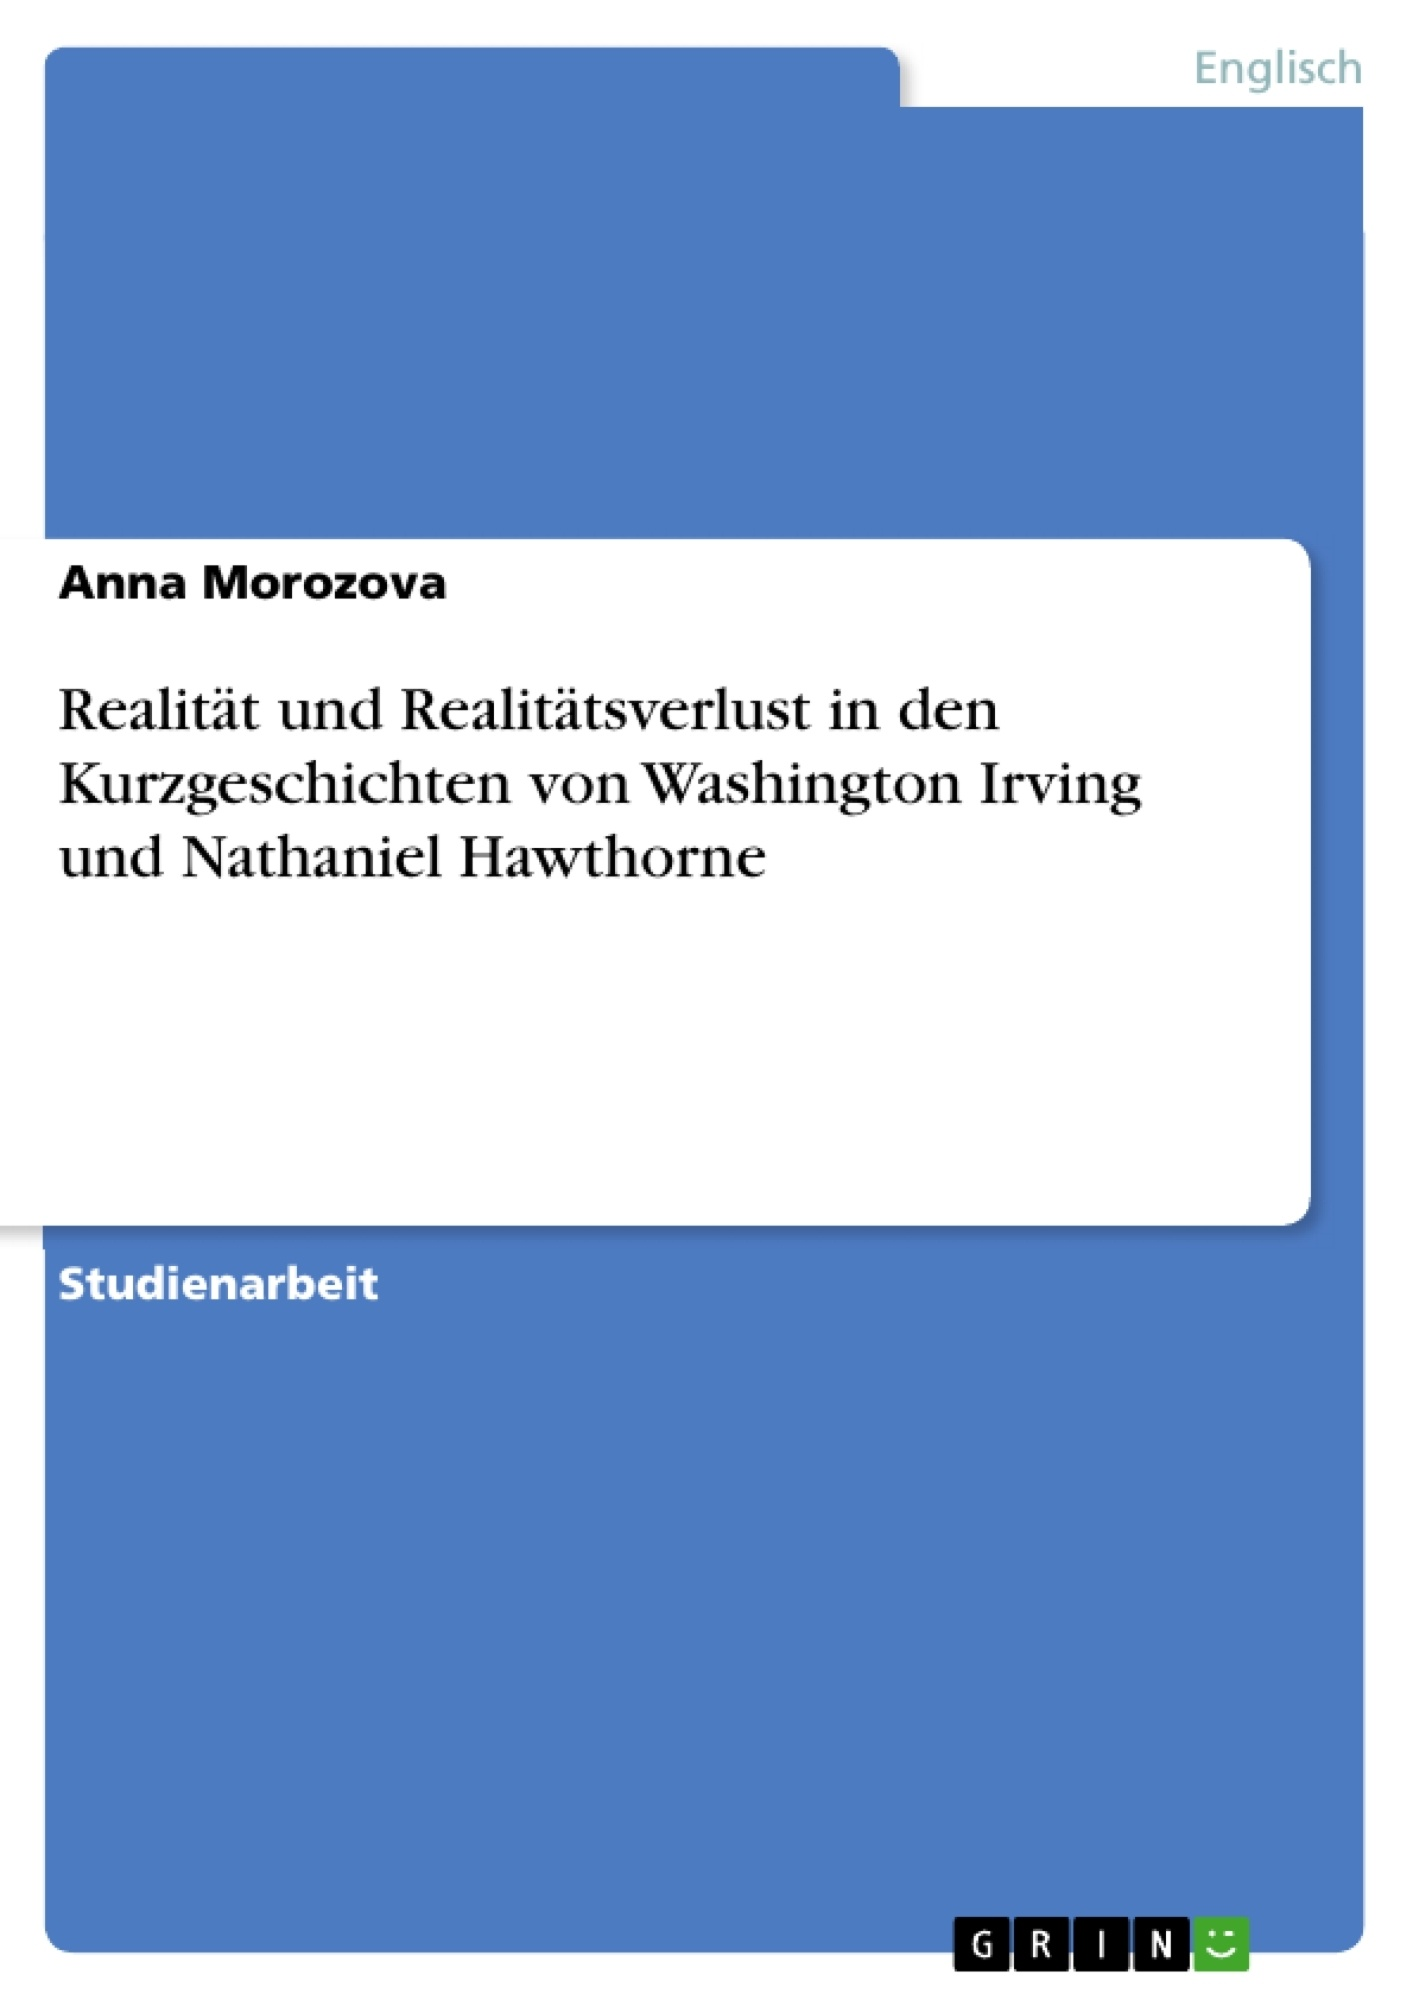 Titel: Realität und Realitätsverlust in den Kurzgeschichten von Washington Irving und Nathaniel Hawthorne